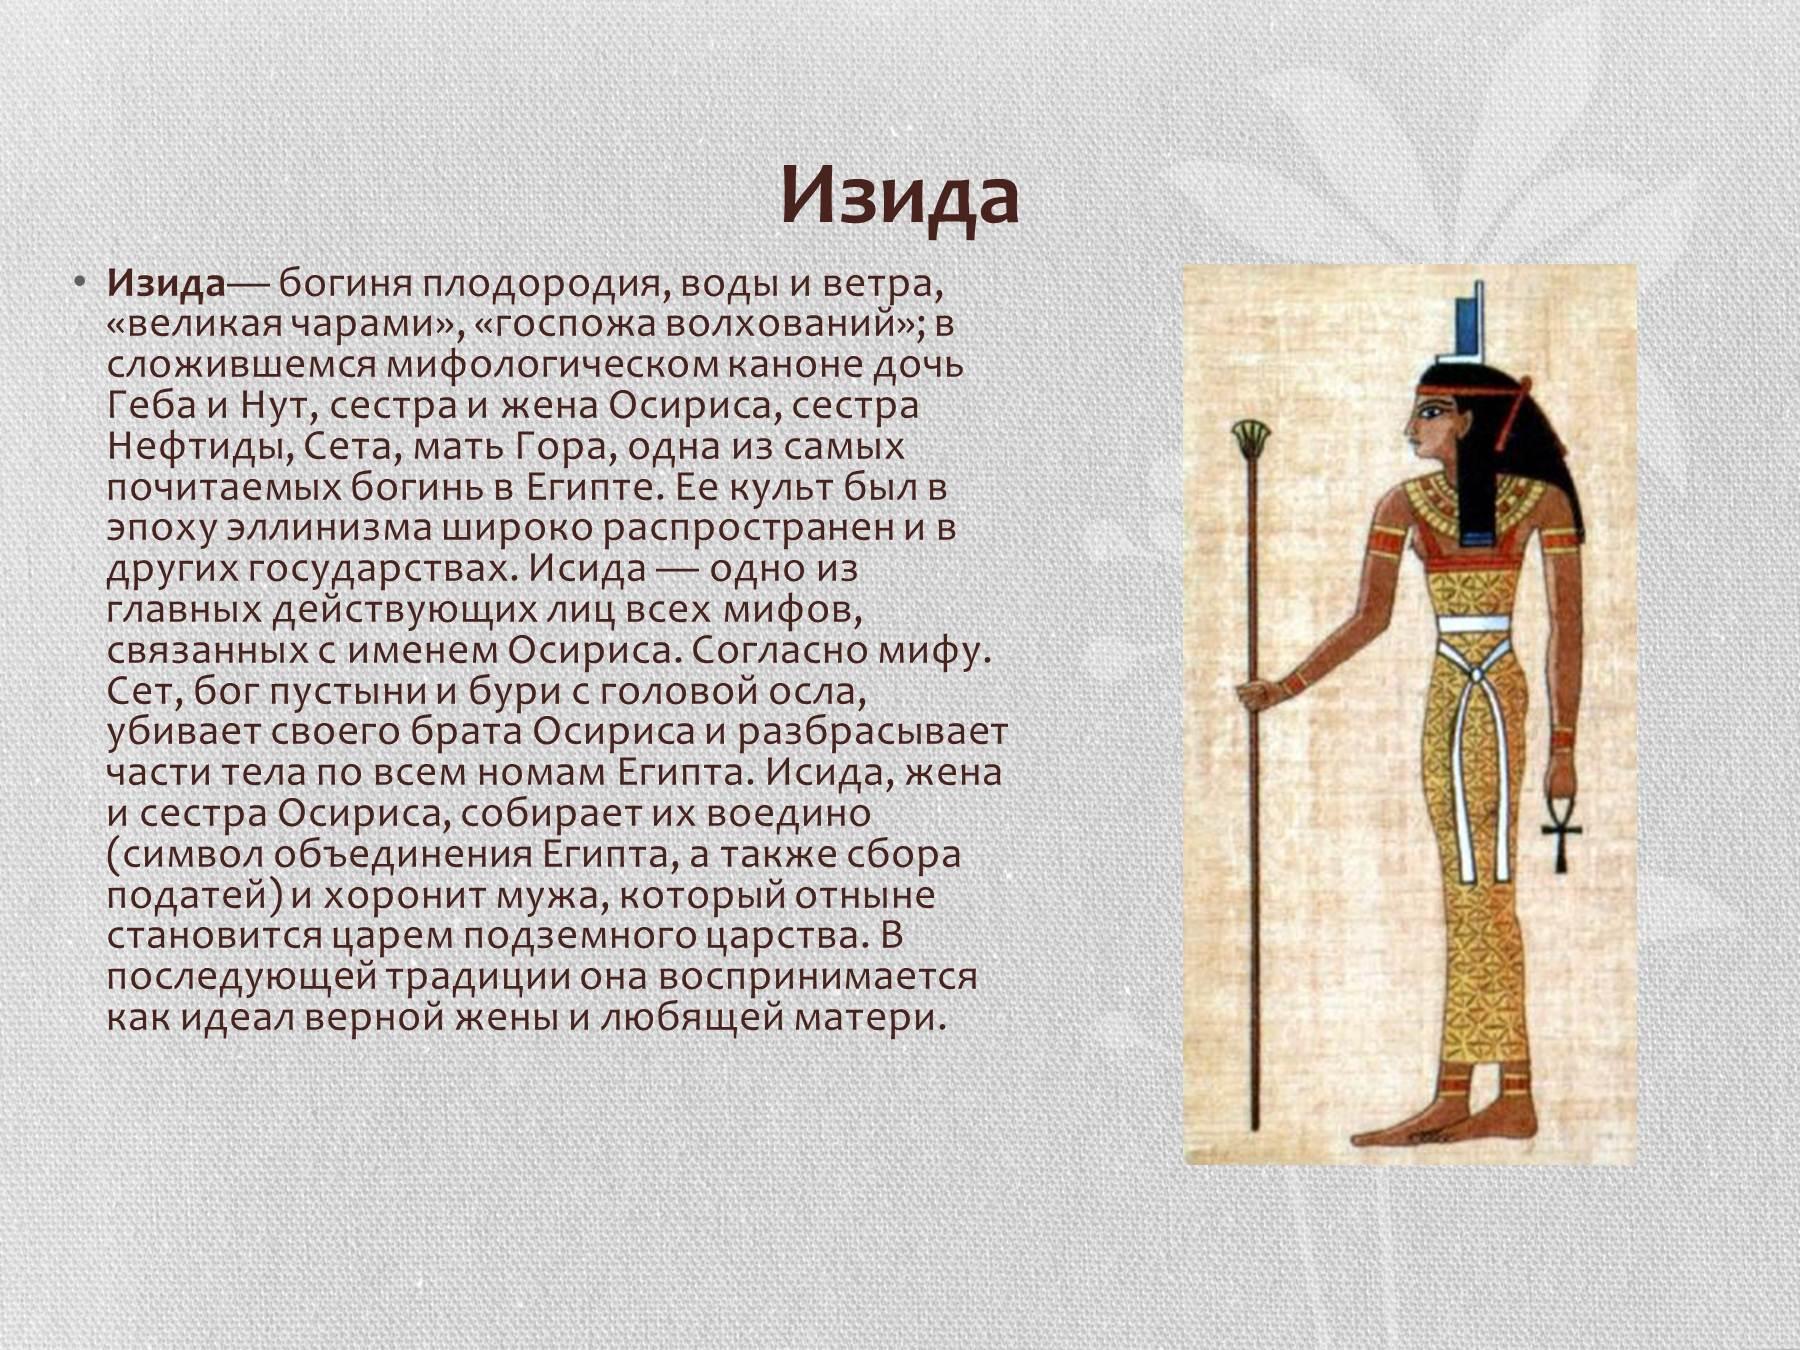 картинки богов древних египтян создана частичных объектов